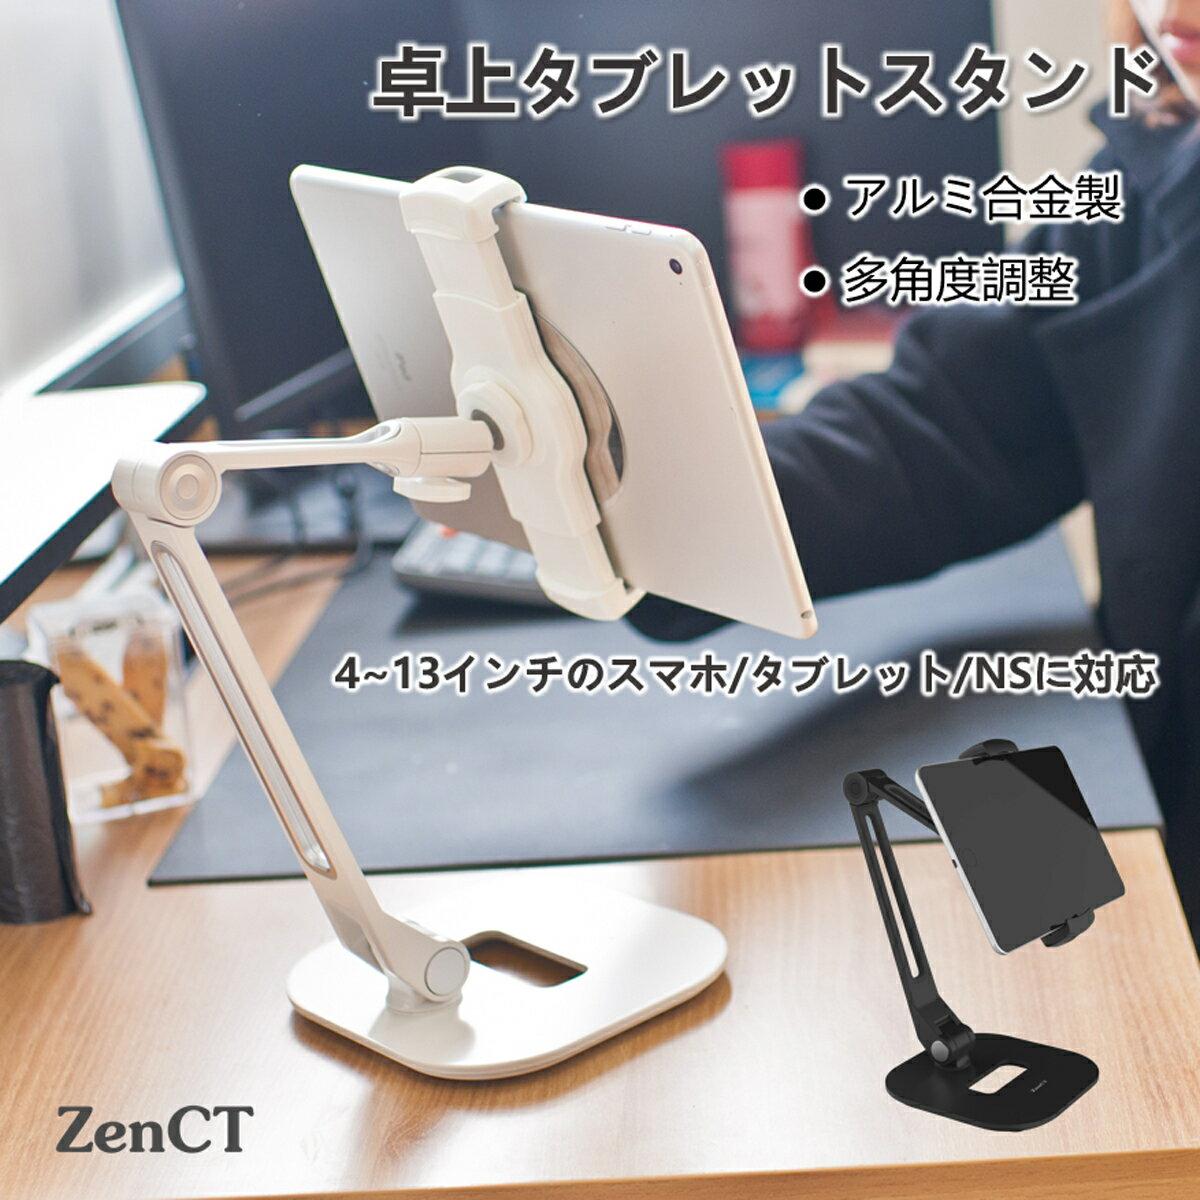 タブレットスタンド 卓上 アルミ製 携帯スタンド ipadアームスタンド ZenCT 頑丈な金属製台座 角度調整可能 持ち運びやすい 4-13インチのスマートフォンとタブレッ...